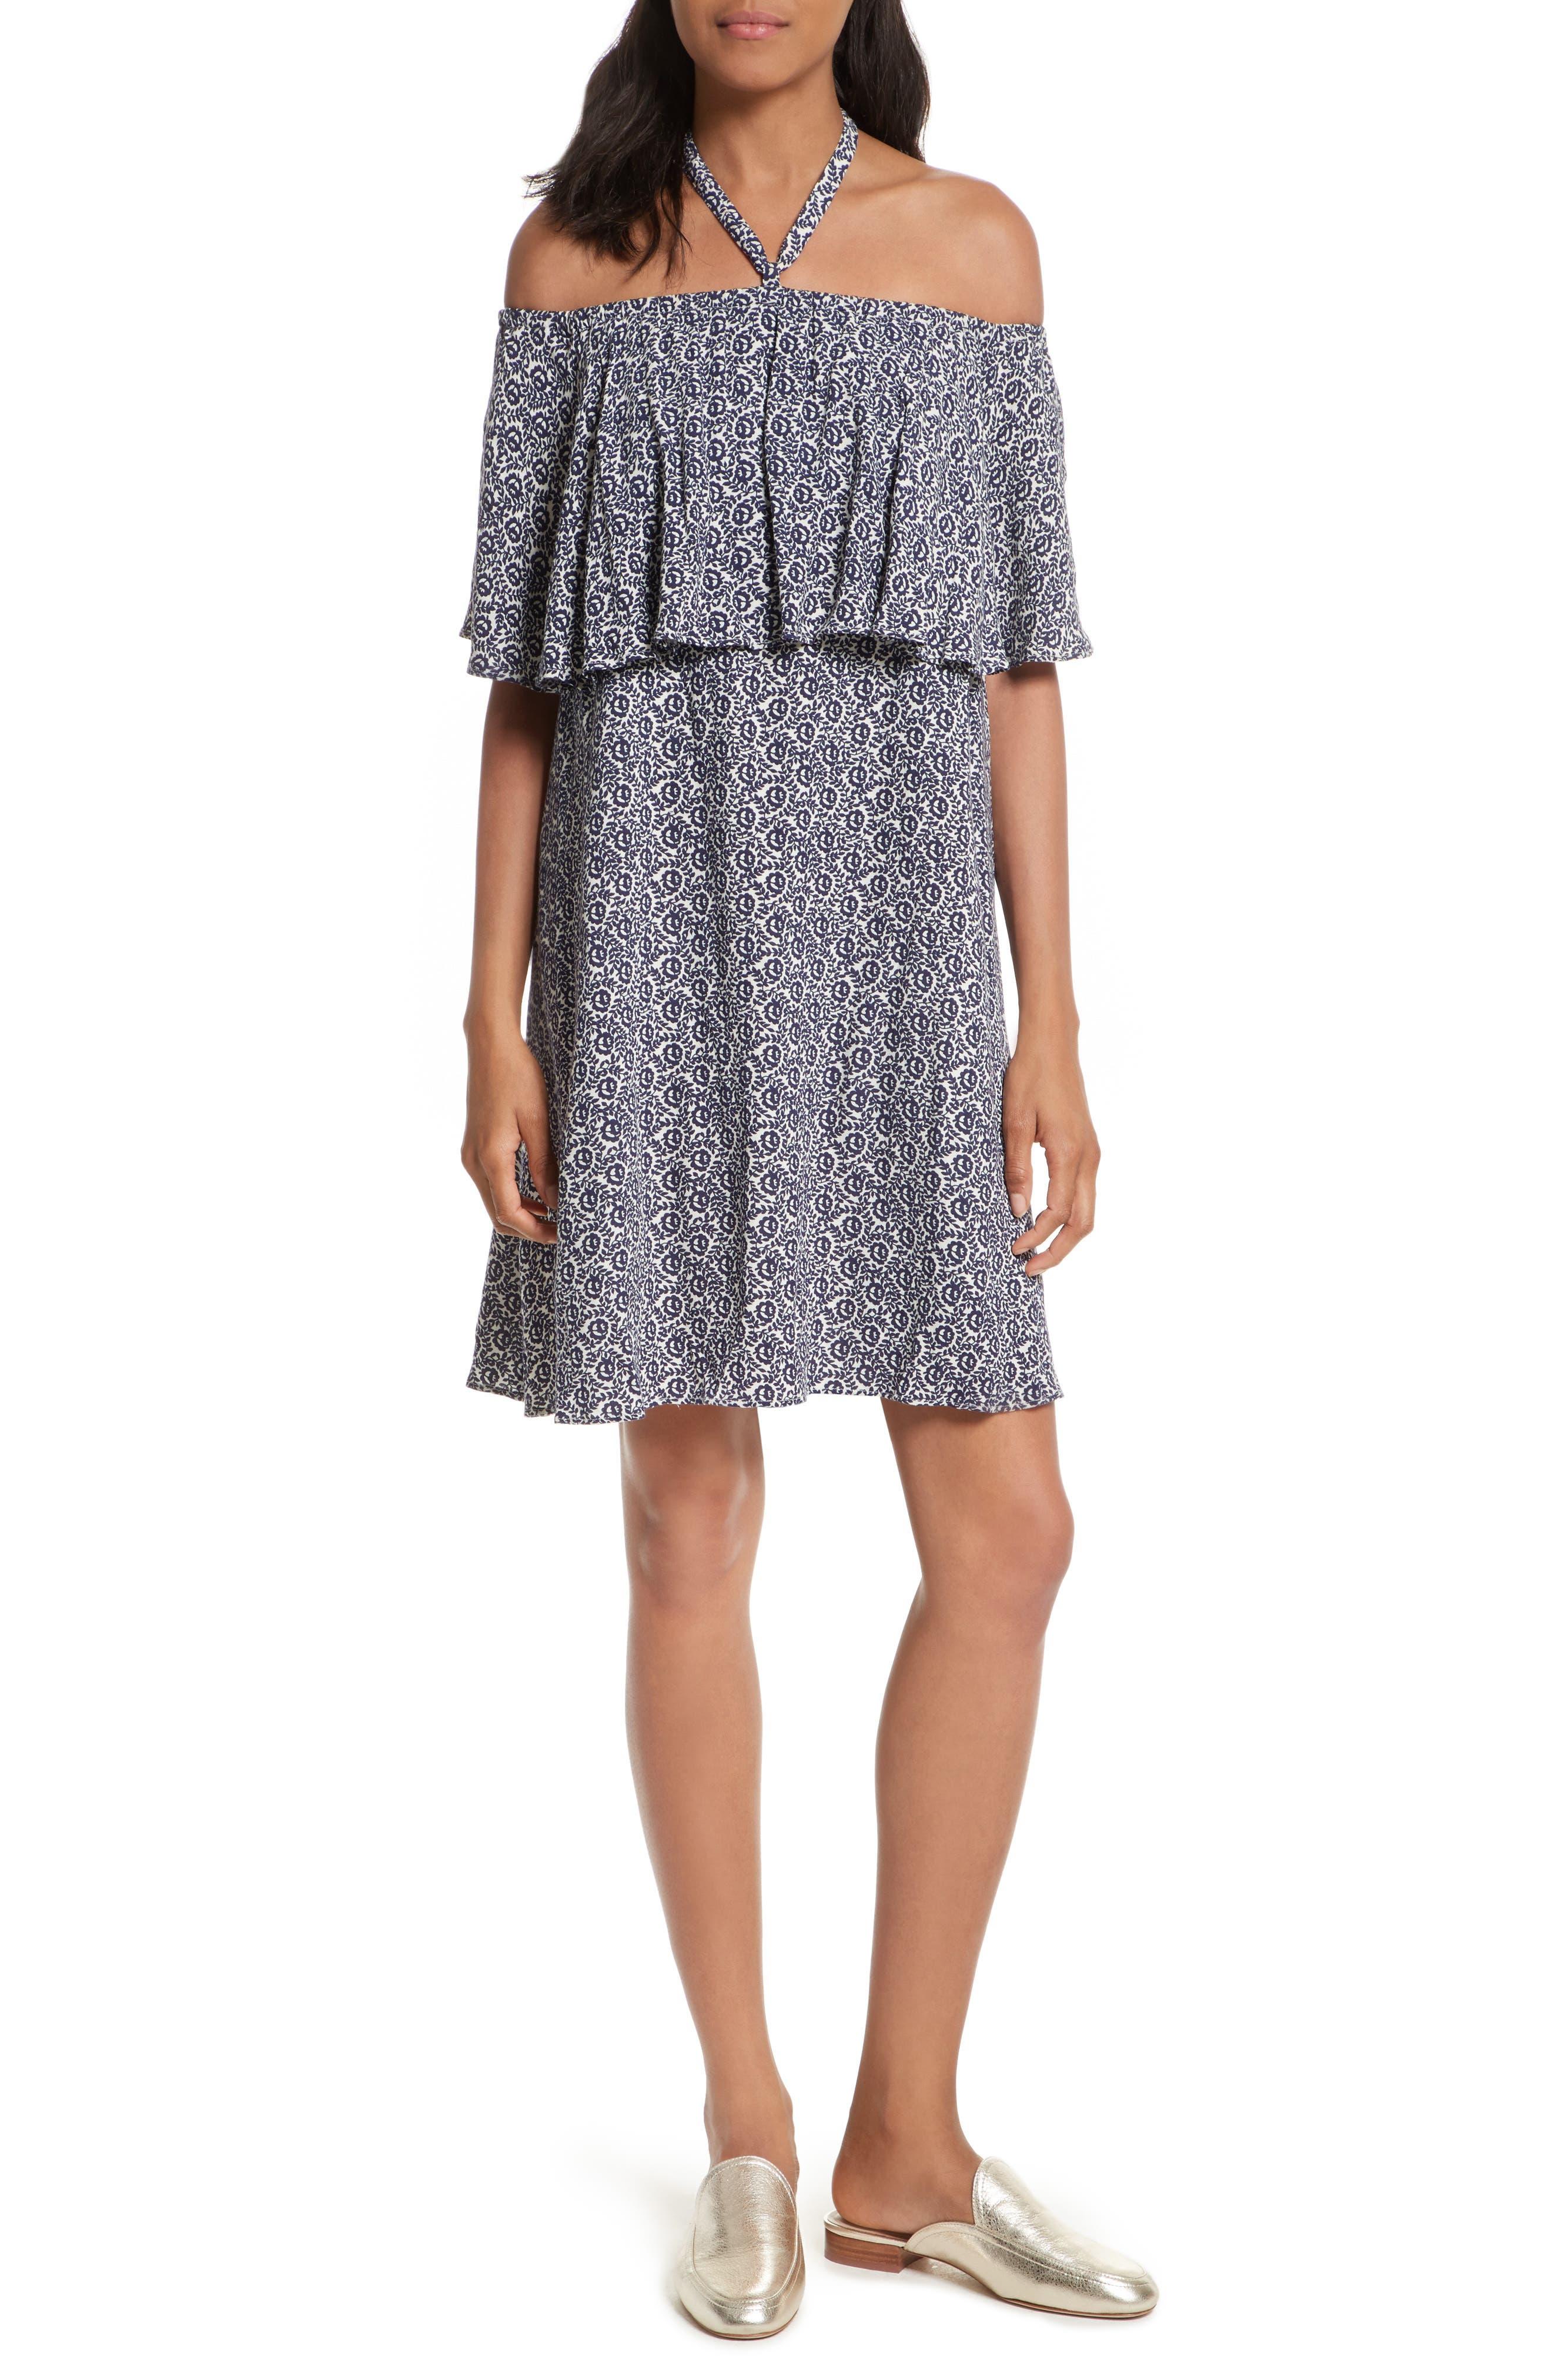 Alternate Image 1 Selected - Rebecca Minkoff Havasu Off the Shoulder Dress